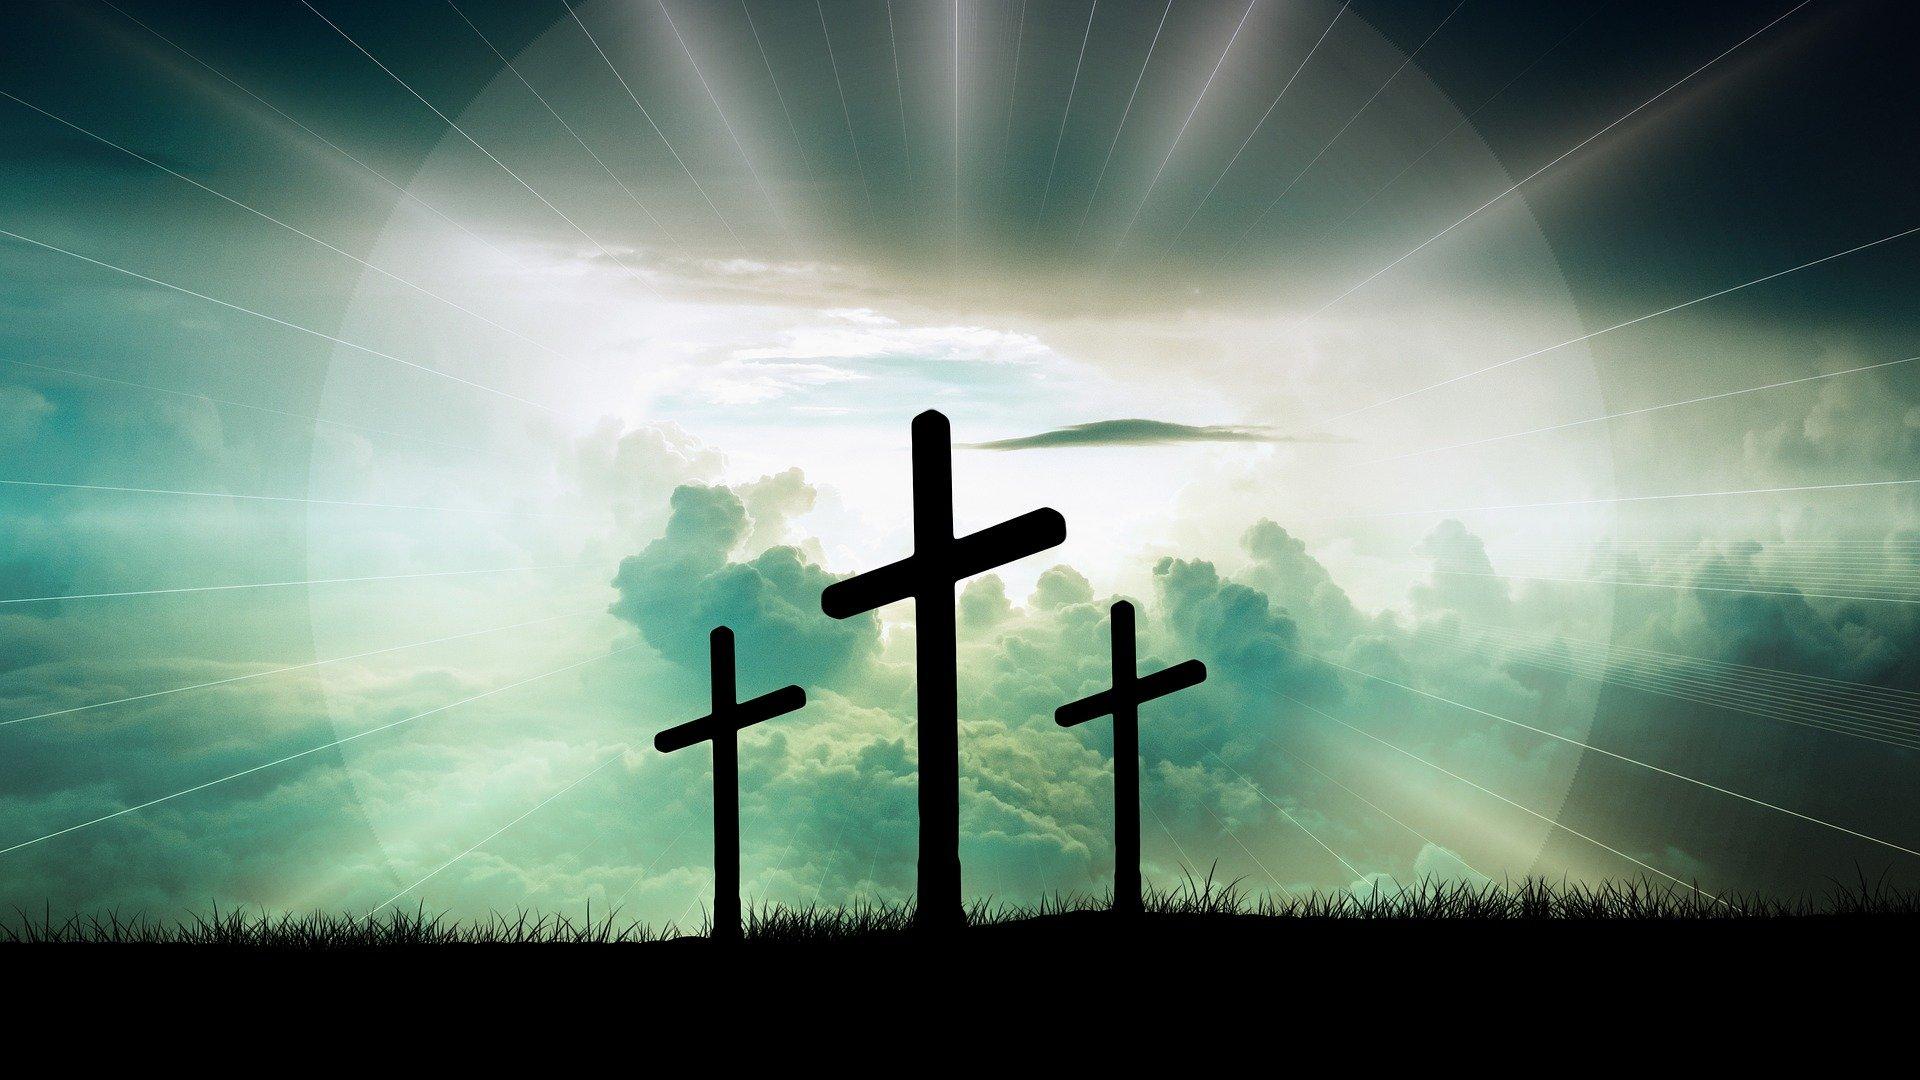 Tres cruces a contraluz. Fuente: Pixabay